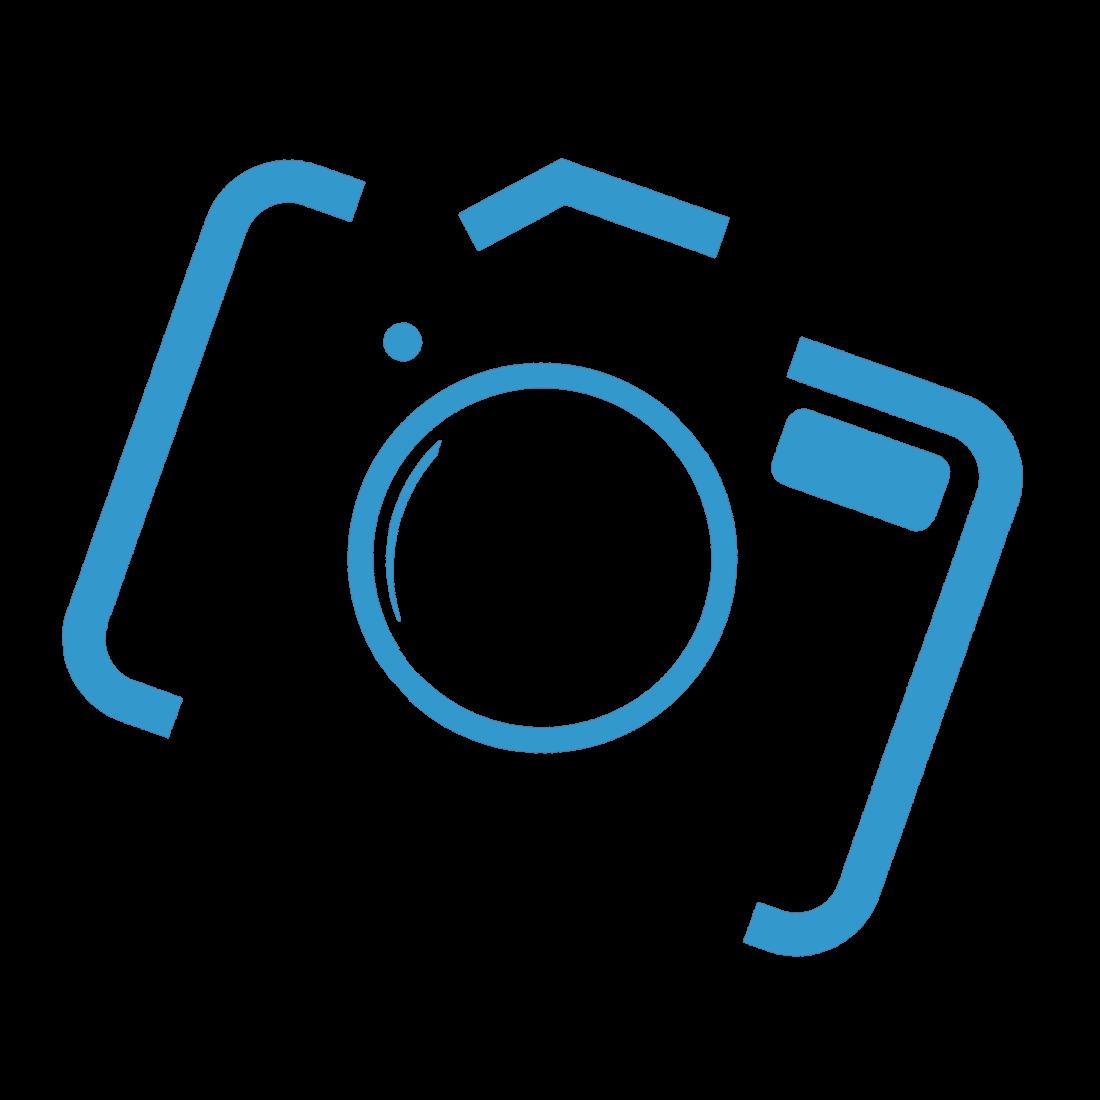 Anschlussflansch Einlaufschlauch / Waschmittelkasten (10017899)